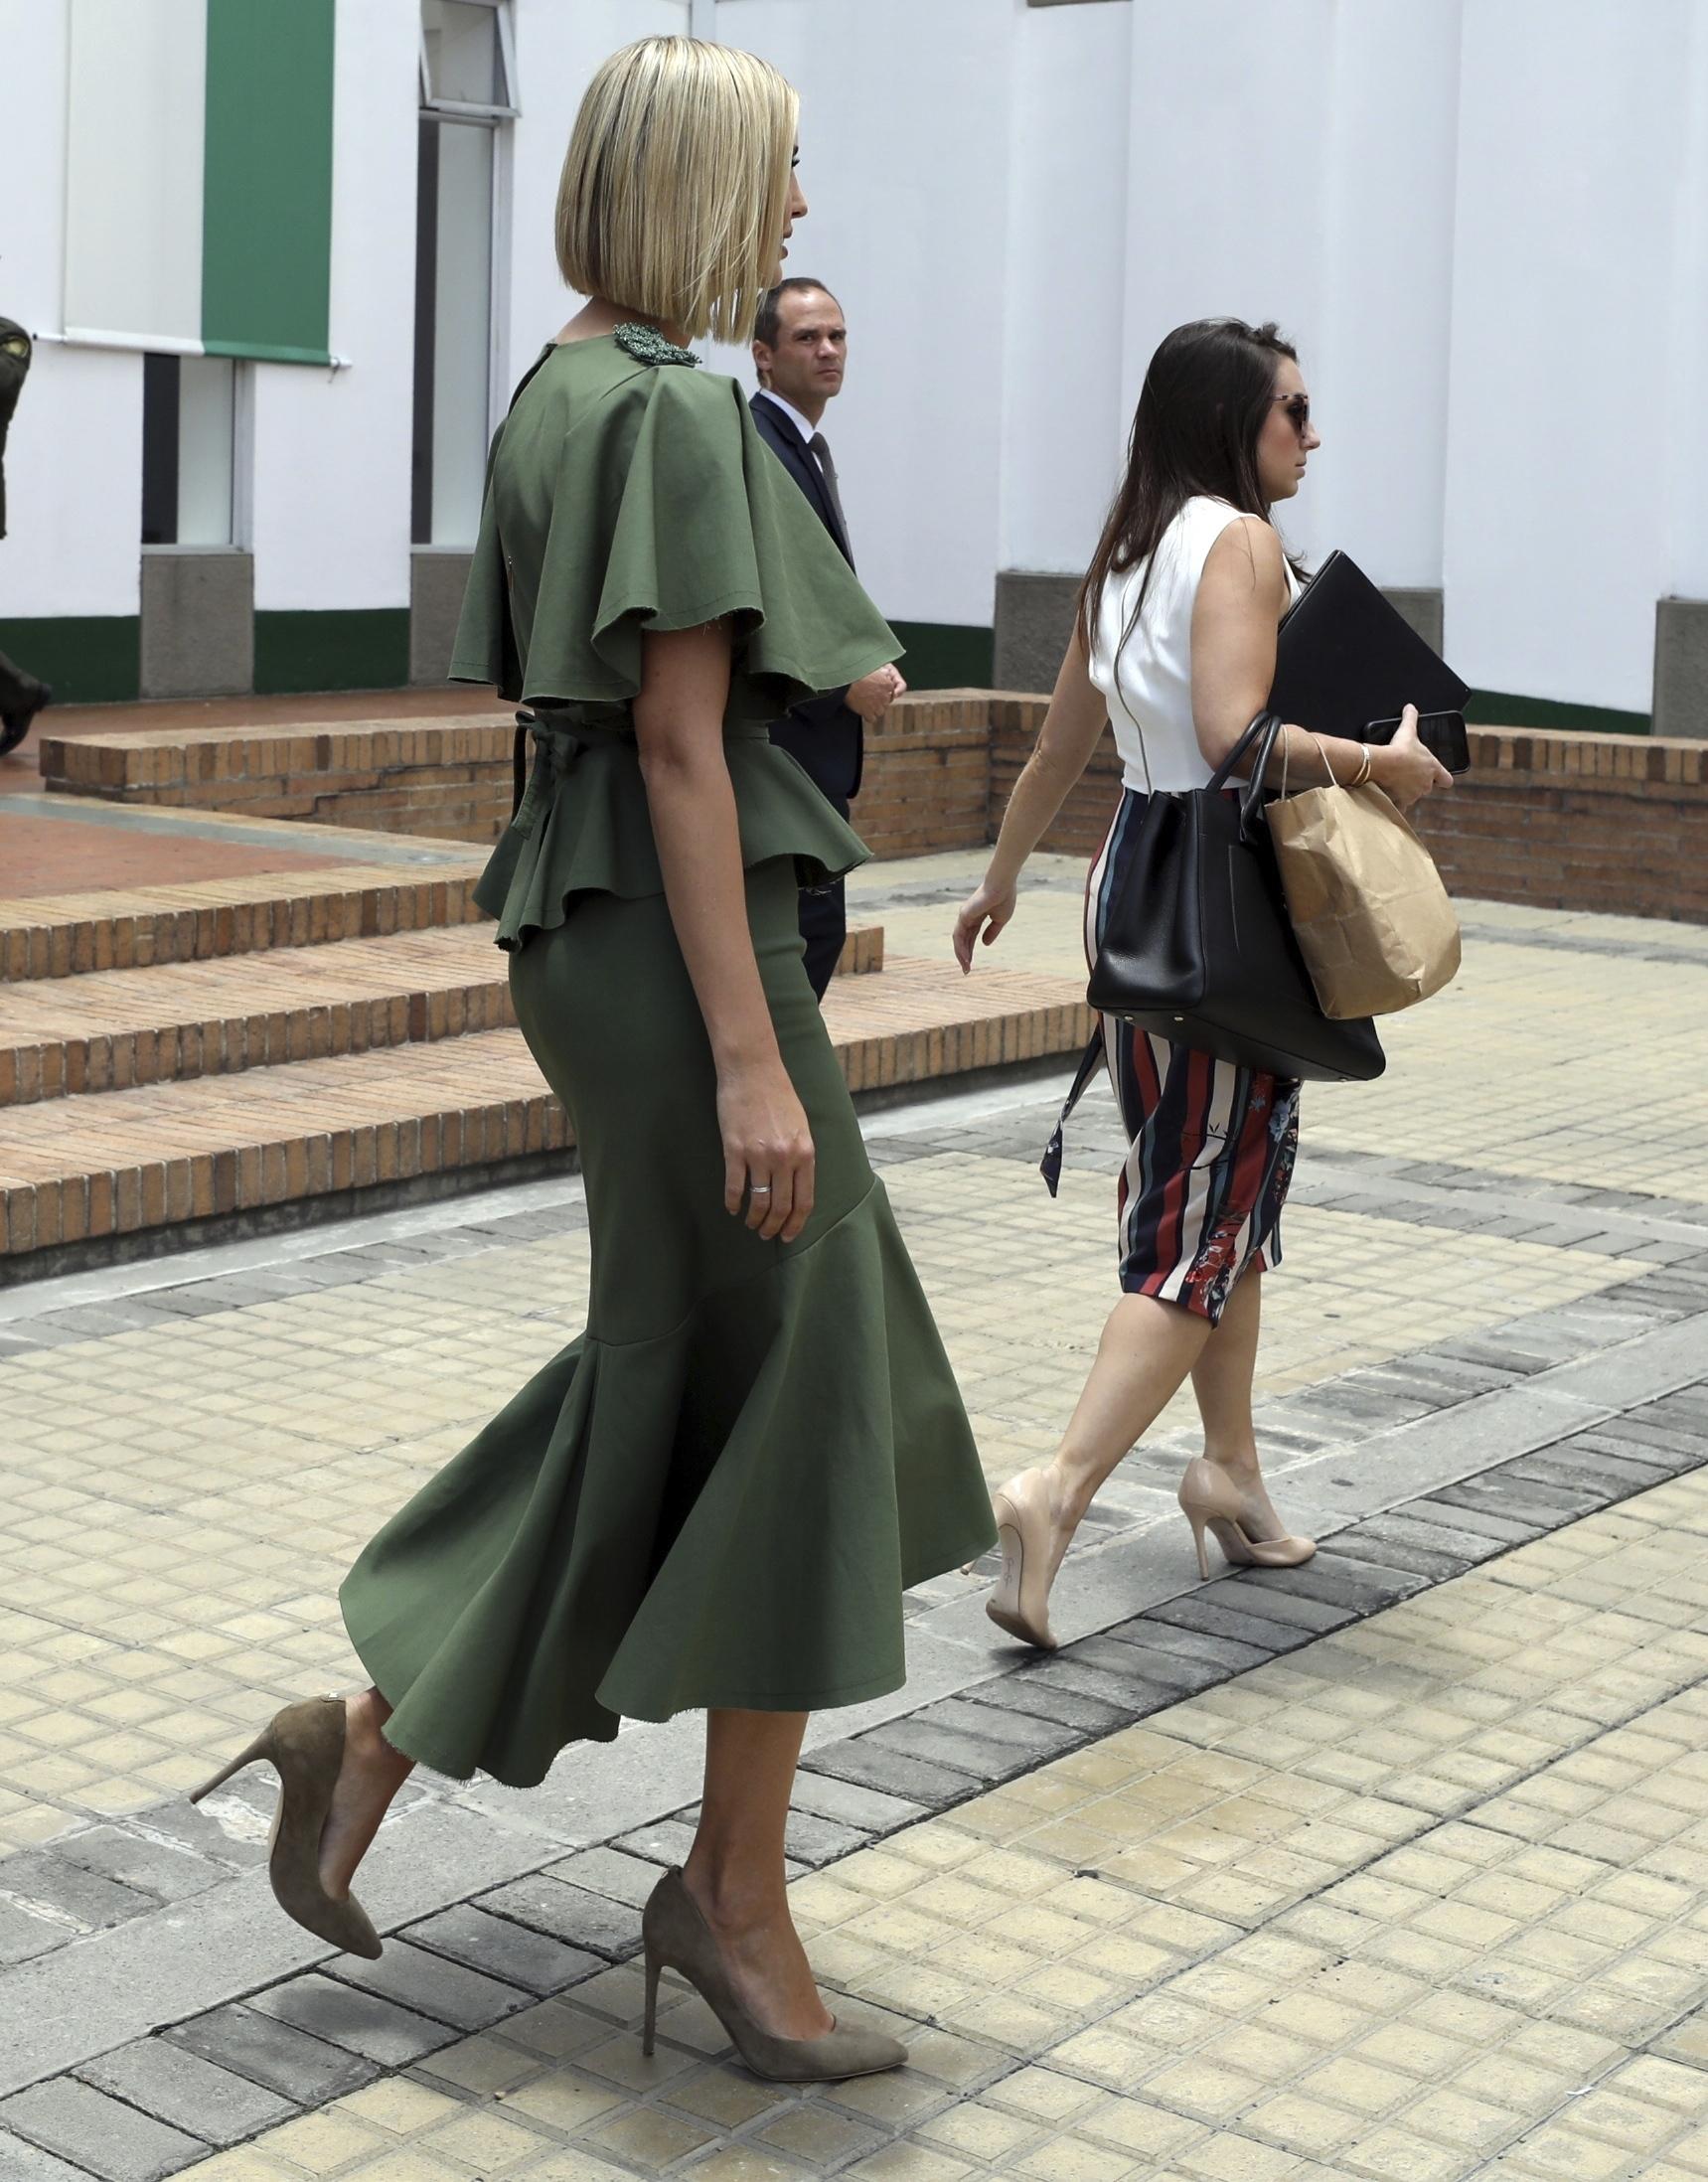 Η Ιβάνκα Τραμπ με το περιβόητο πράσινο φόρεμα